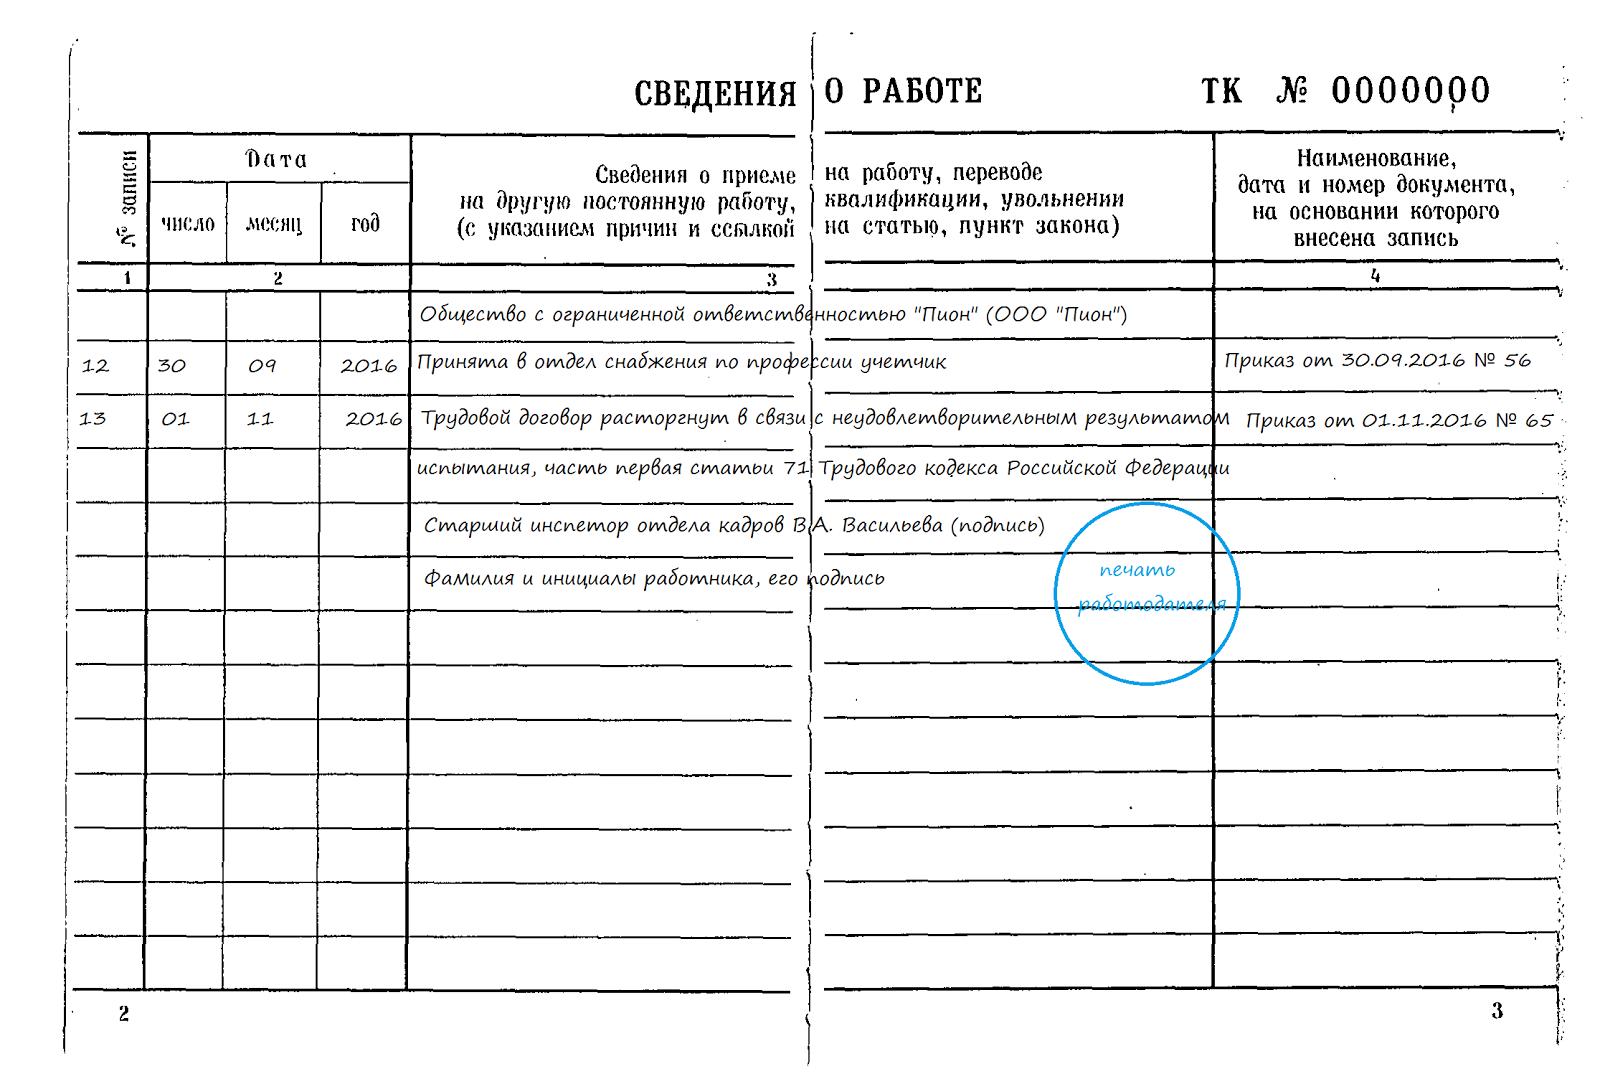 Запись в трудовой книжке при увольнении на испытательном сроке